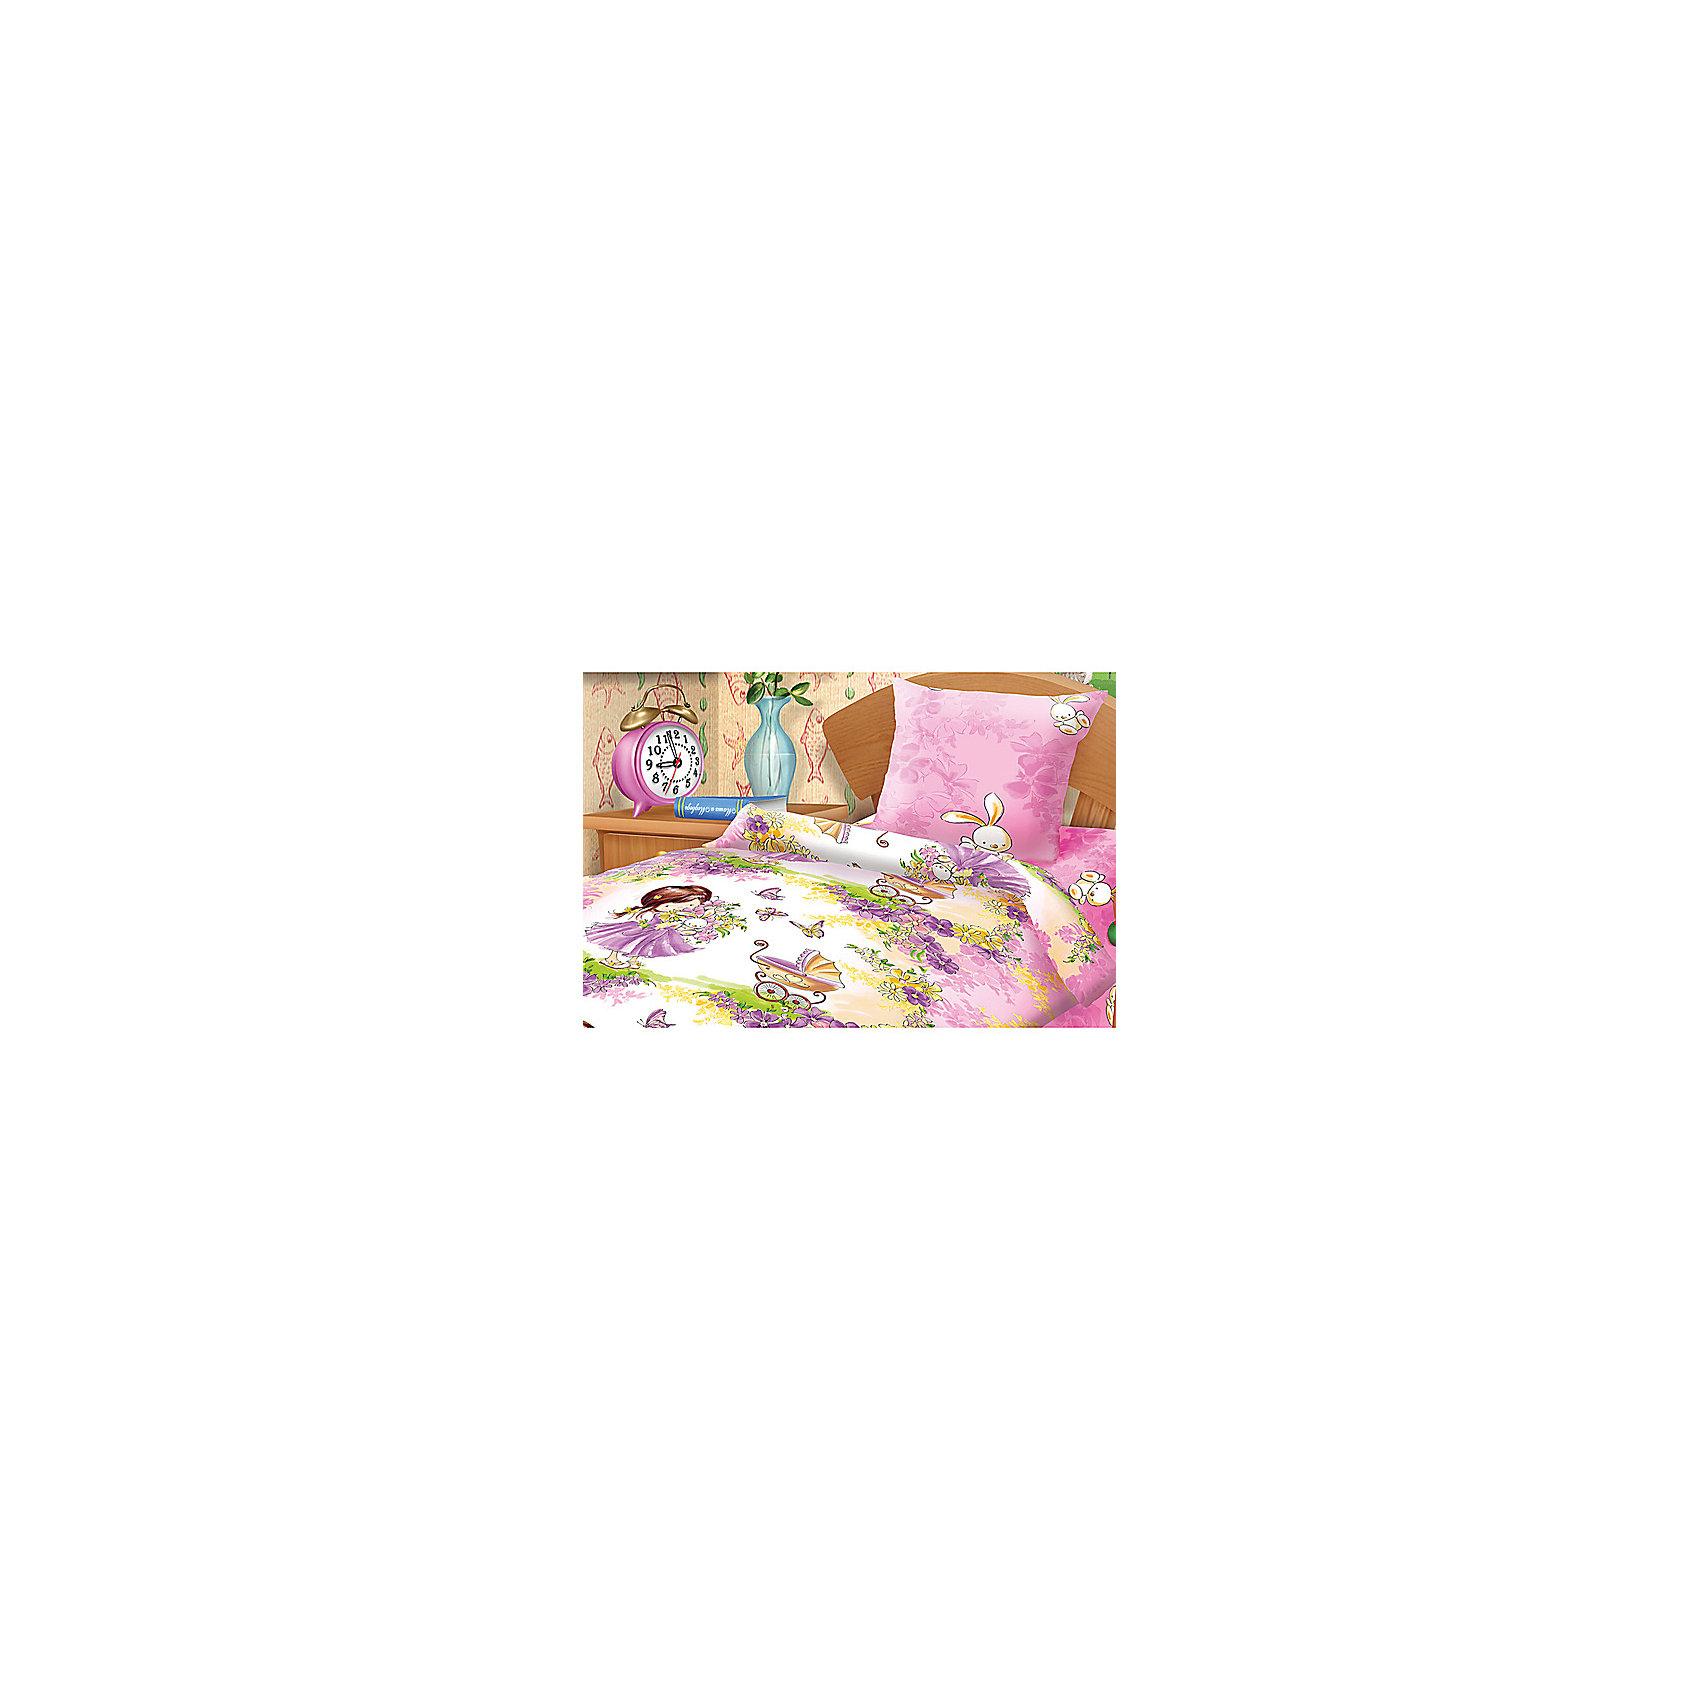 Непоседа Постельное белье 1,5 Девочка с зайкой, Н/У, 70*70, Непоседа, бязь непоседа непоседа детское постельное белье 1 5 спальное emoji movie эмоджи стайл